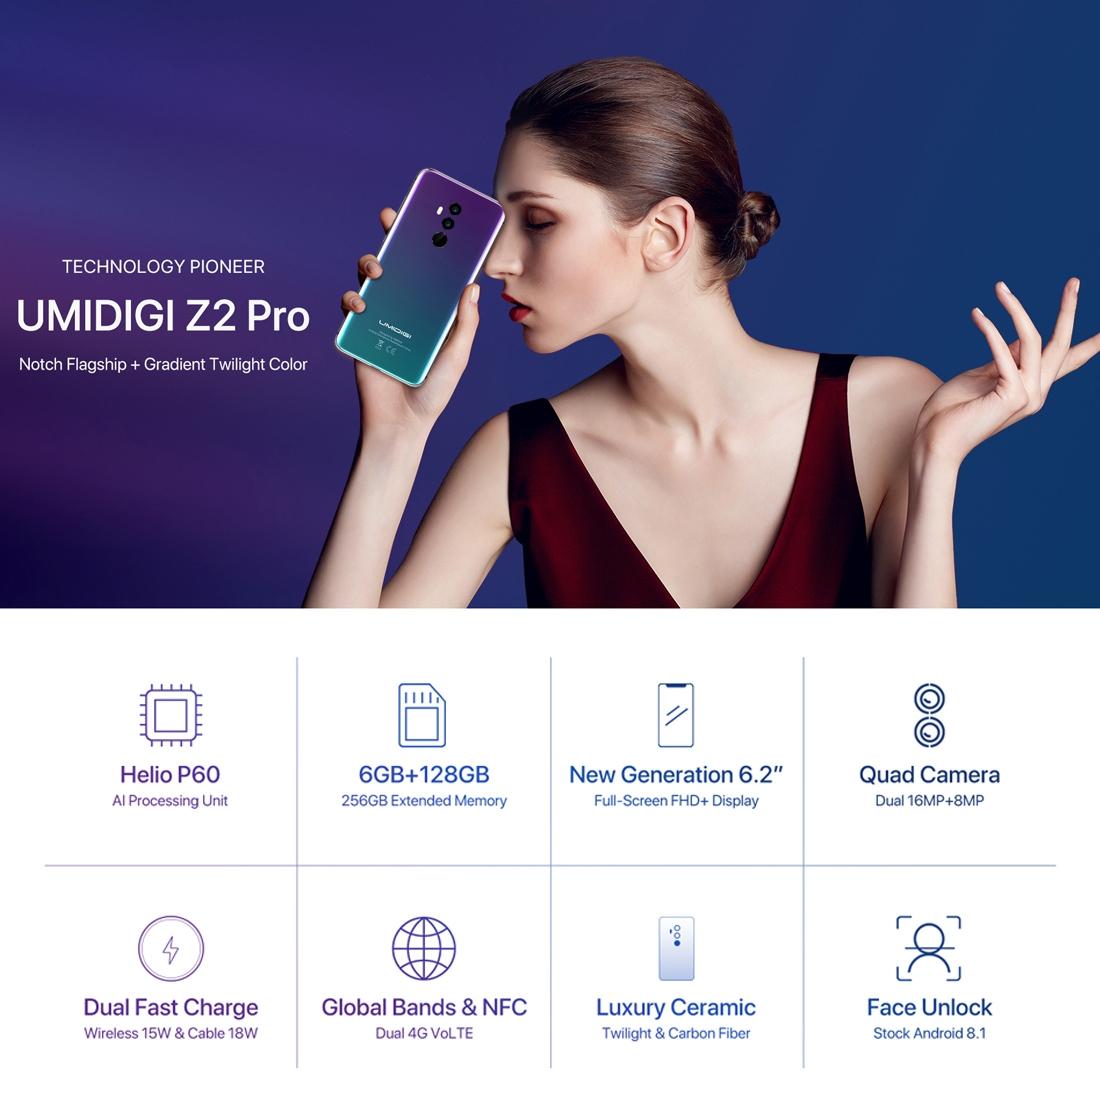 Проектор Смартфон UMIDIGI Z2 Pro Две СИМ в 4G 6GB+128GB Двойная задняя и двойная передняя камера (Фото 5)